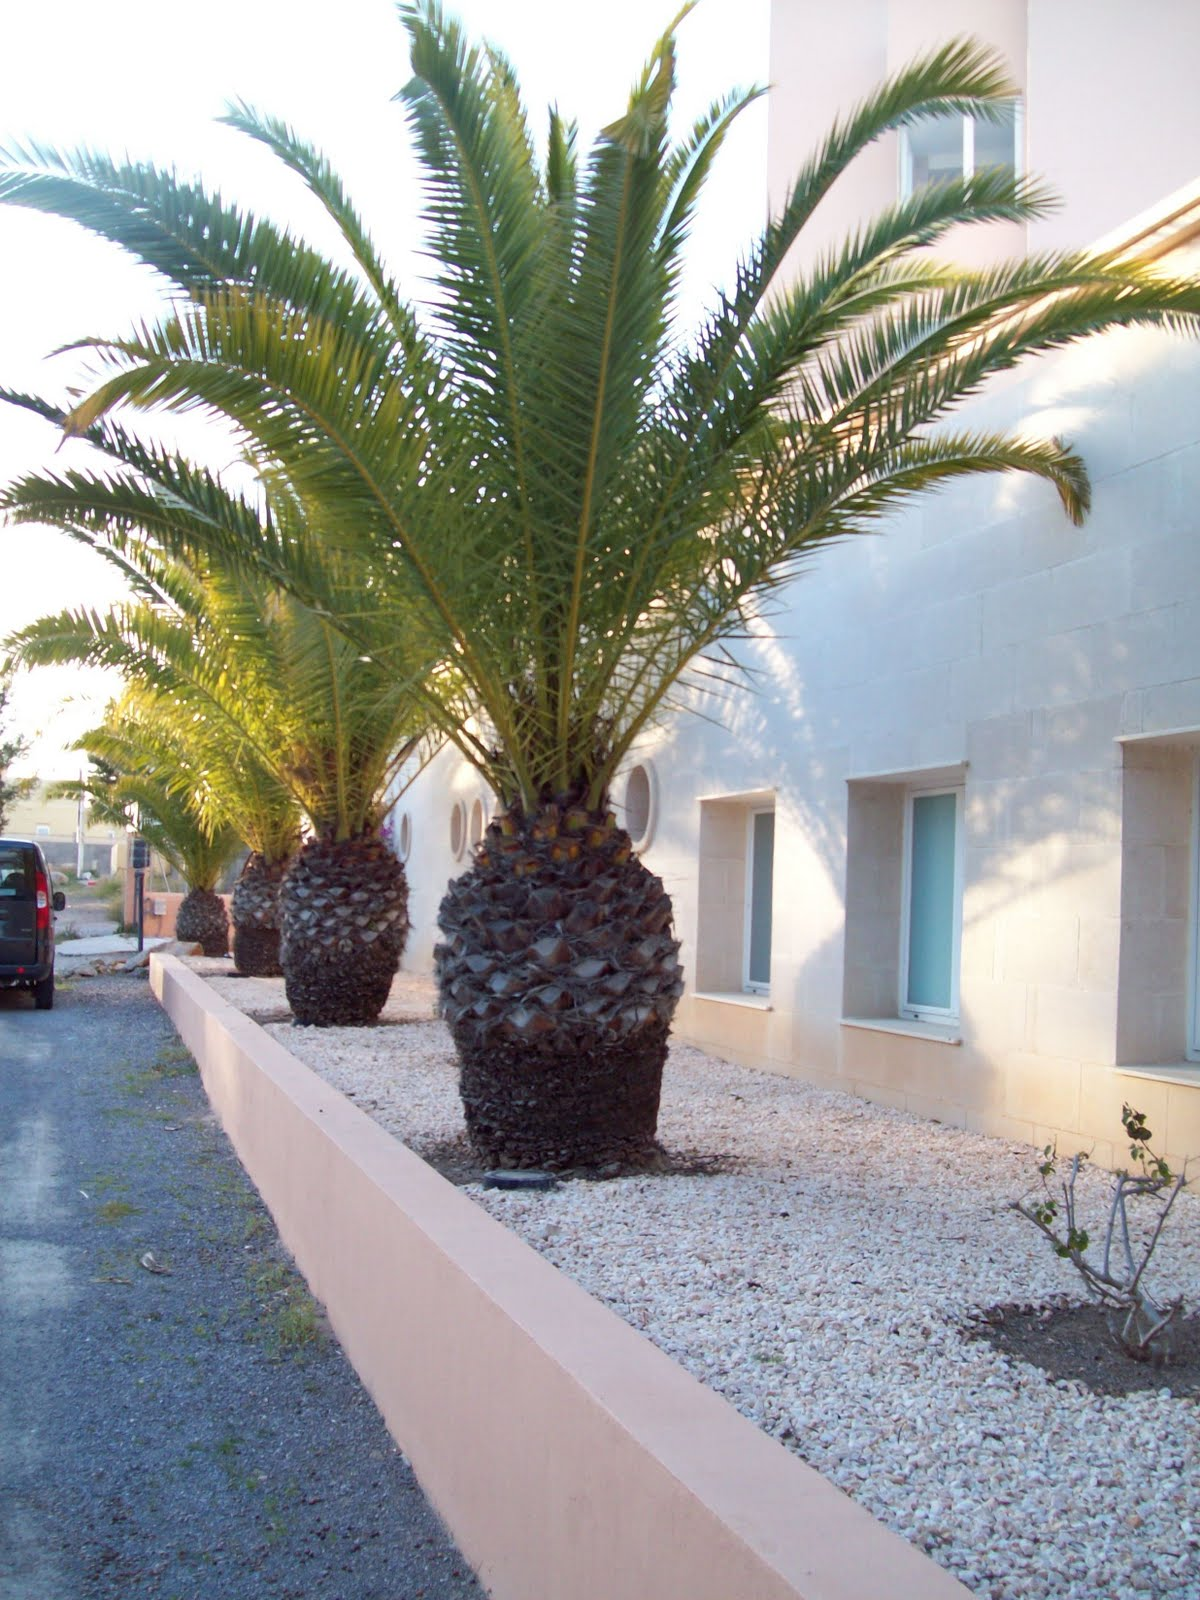 Palmeras de jardin imagui for Jardines con palmeras